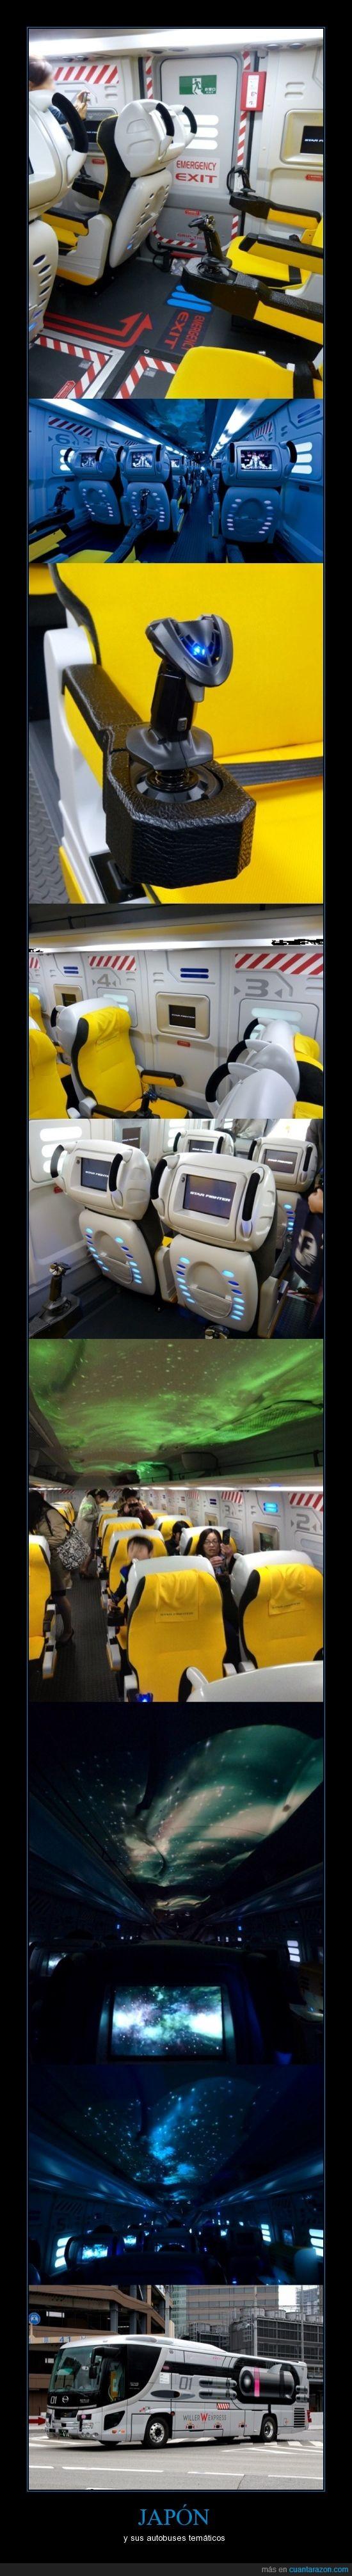 autobus,espacio,Japón,nave espacial,transporte